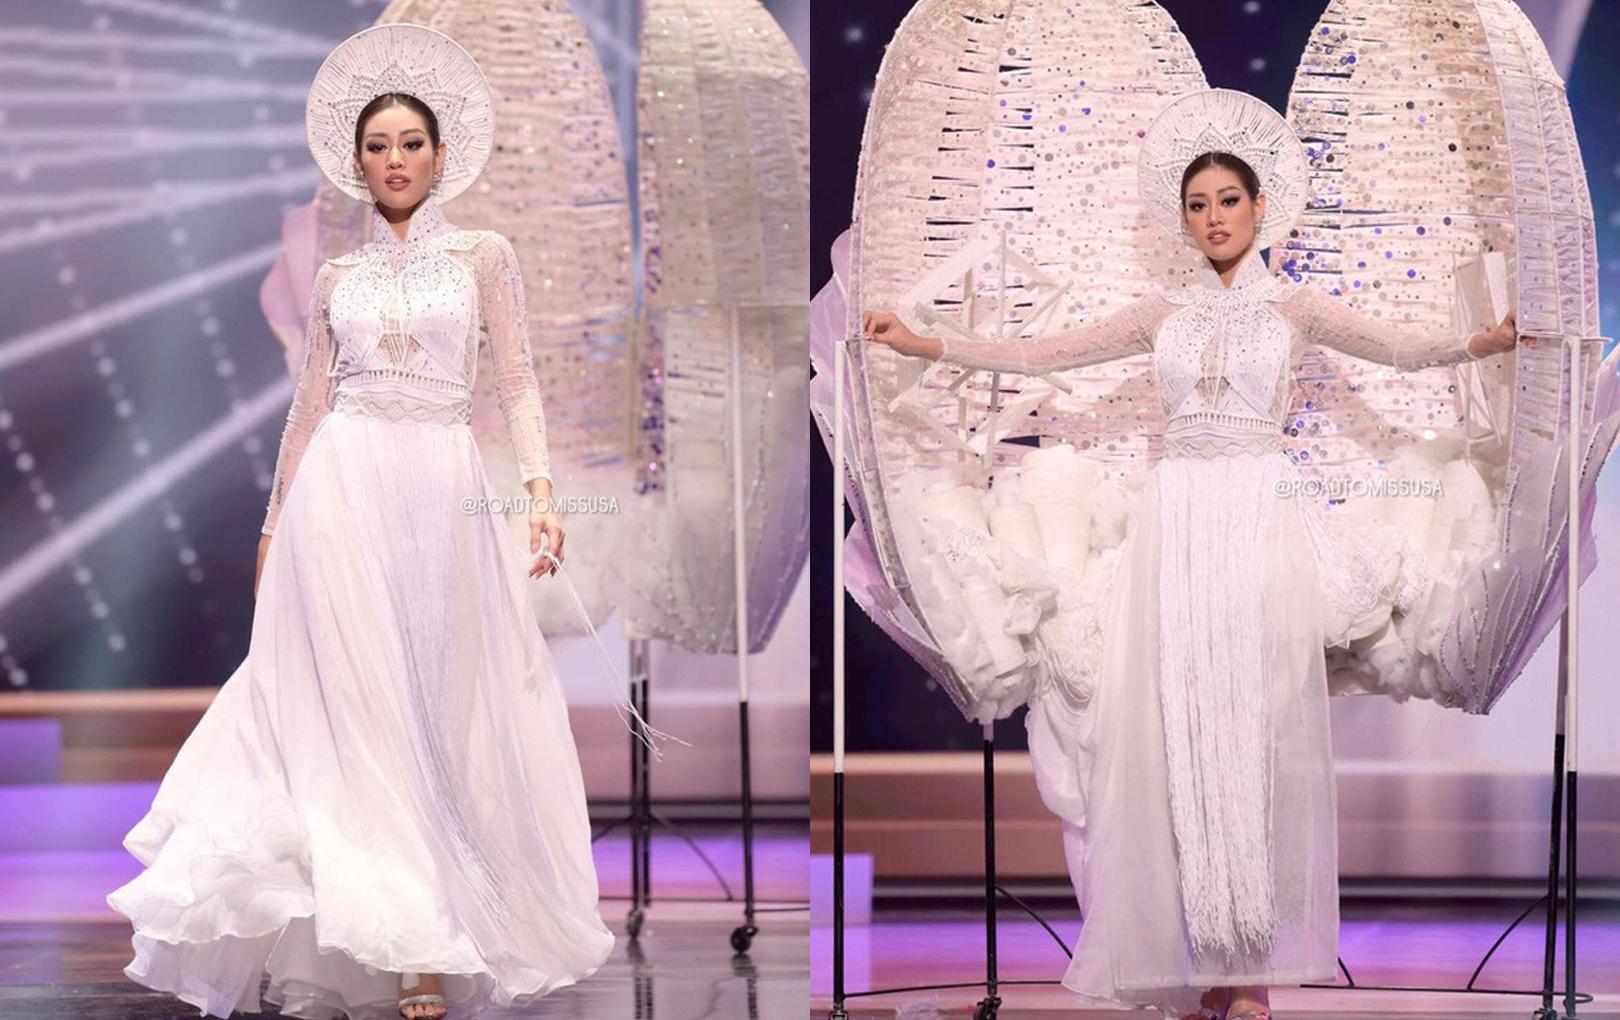 Đương kim Hoa hậu Hoàn vũ chia sẻ gây chú ý về màn trình diễn trang phục dân tộc, đại diện Việt Nam - Khánh Vân cũng được nhắc tên